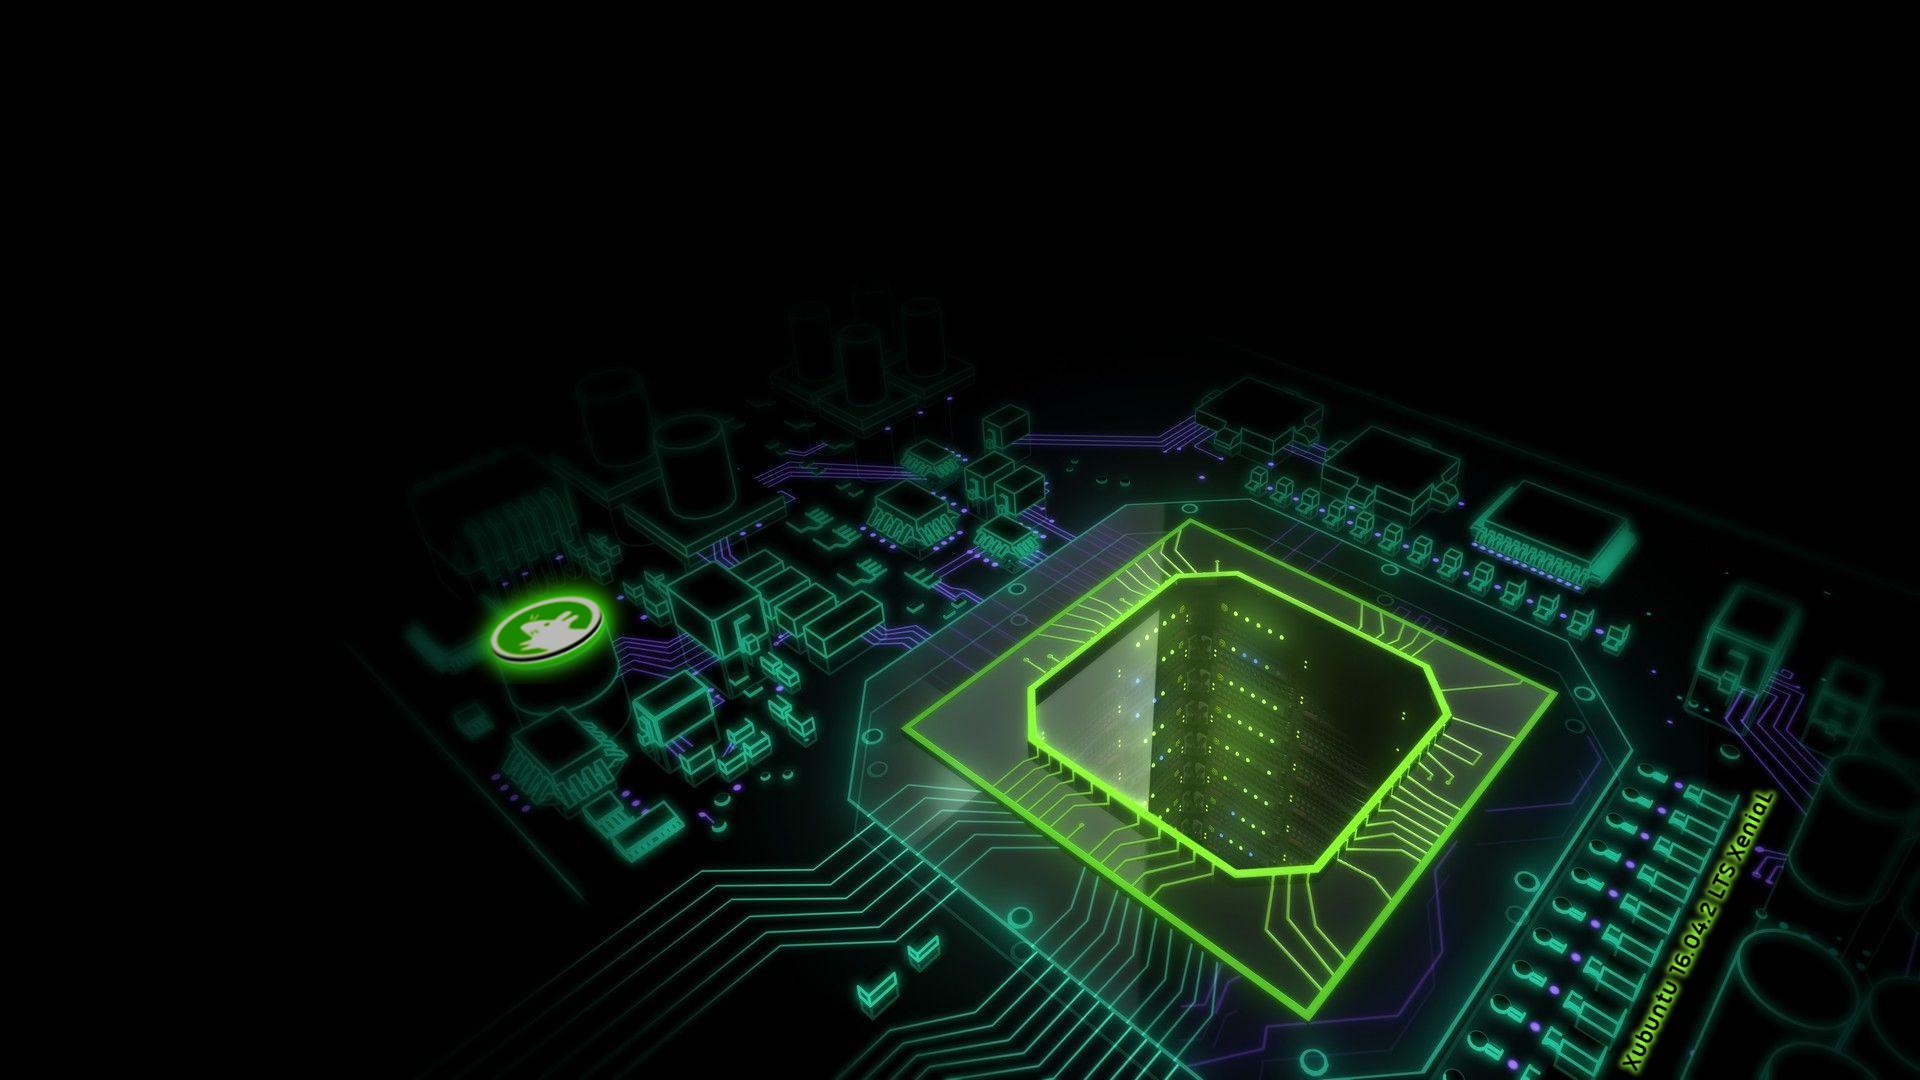 Circuit board Wallpaper 10101-flipped.jpg …